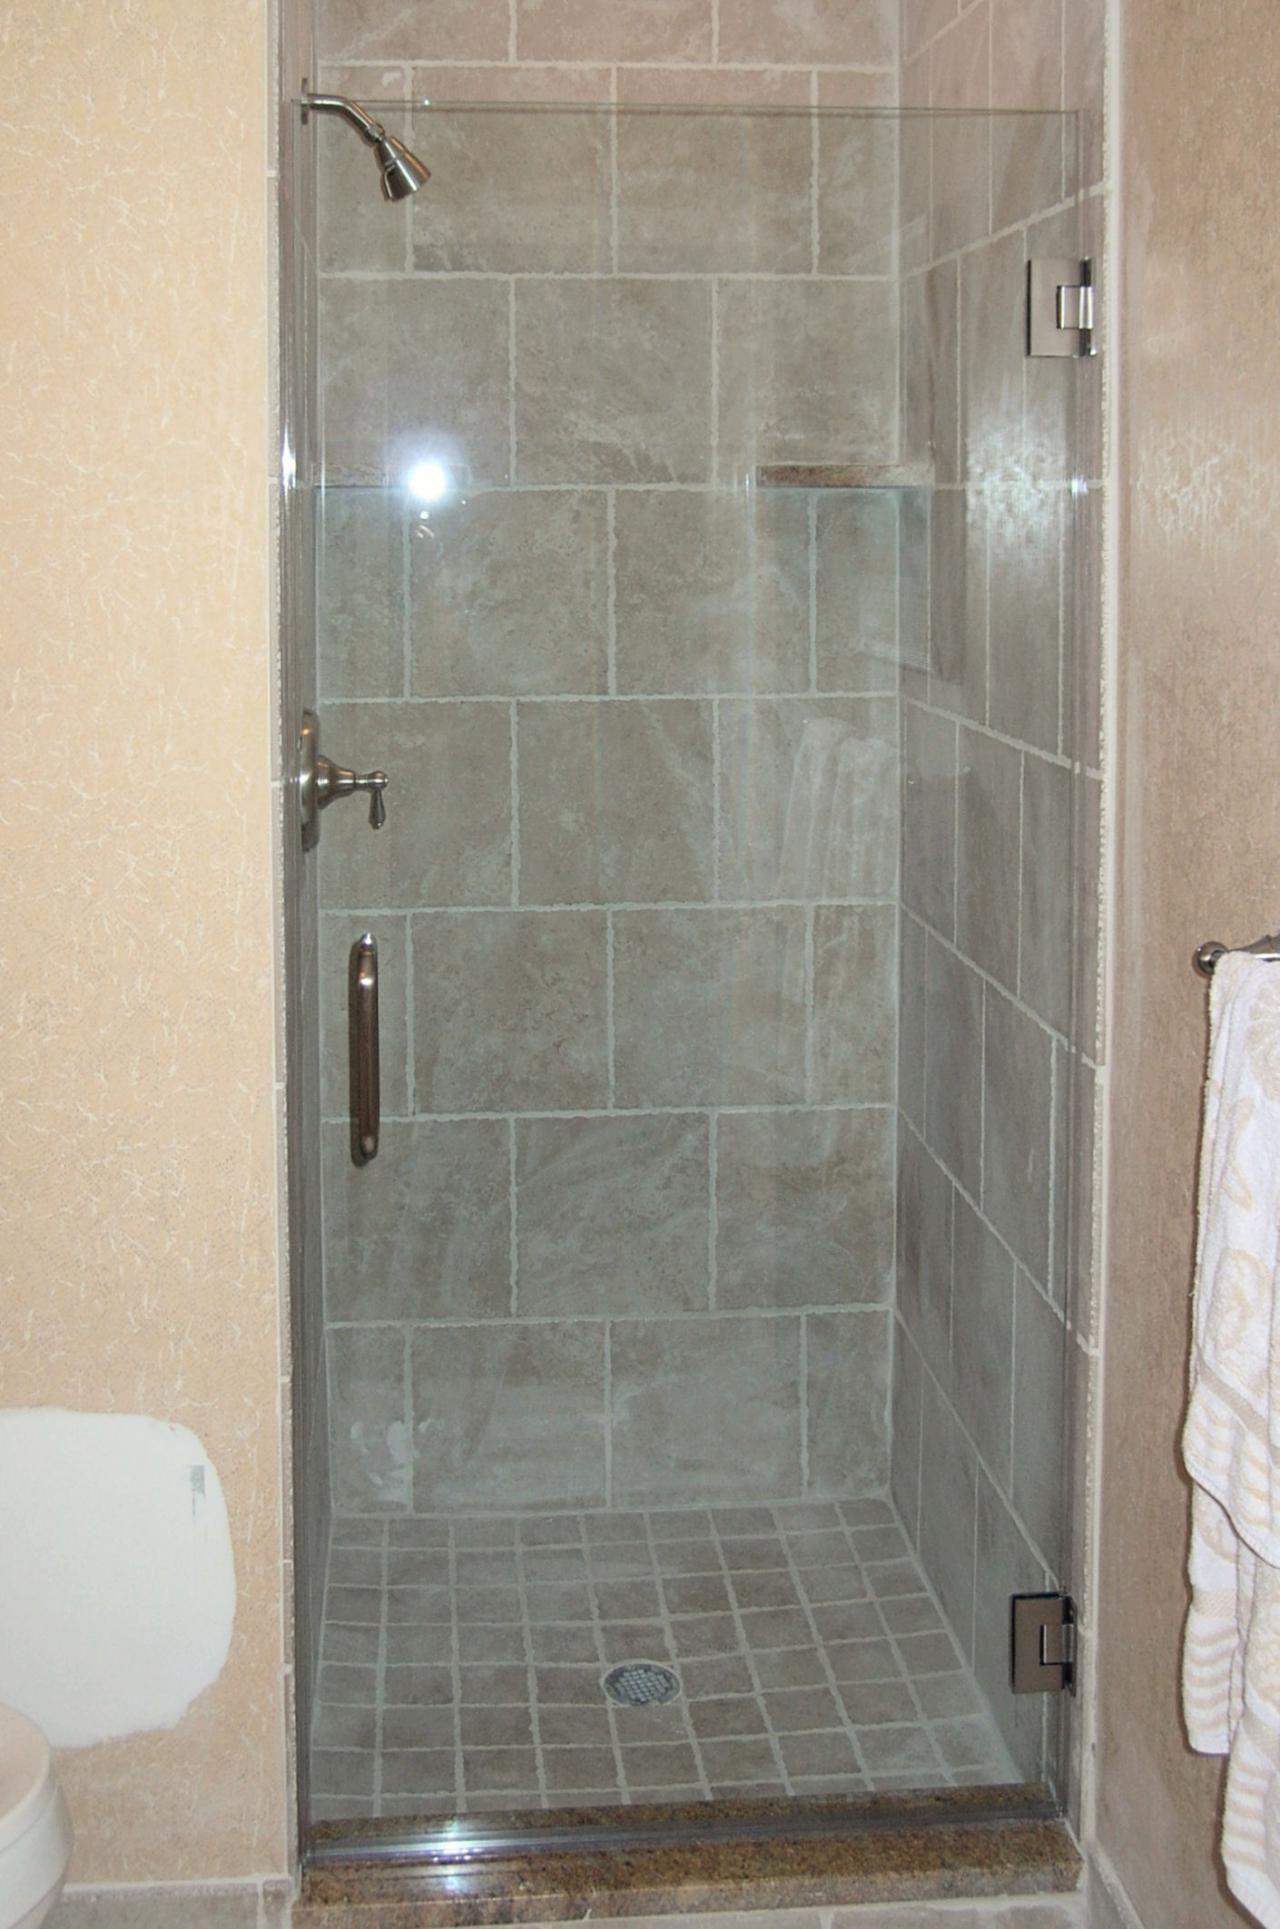 Single Panel Glass Shower Doors Glass Shower Doors Shower Doors